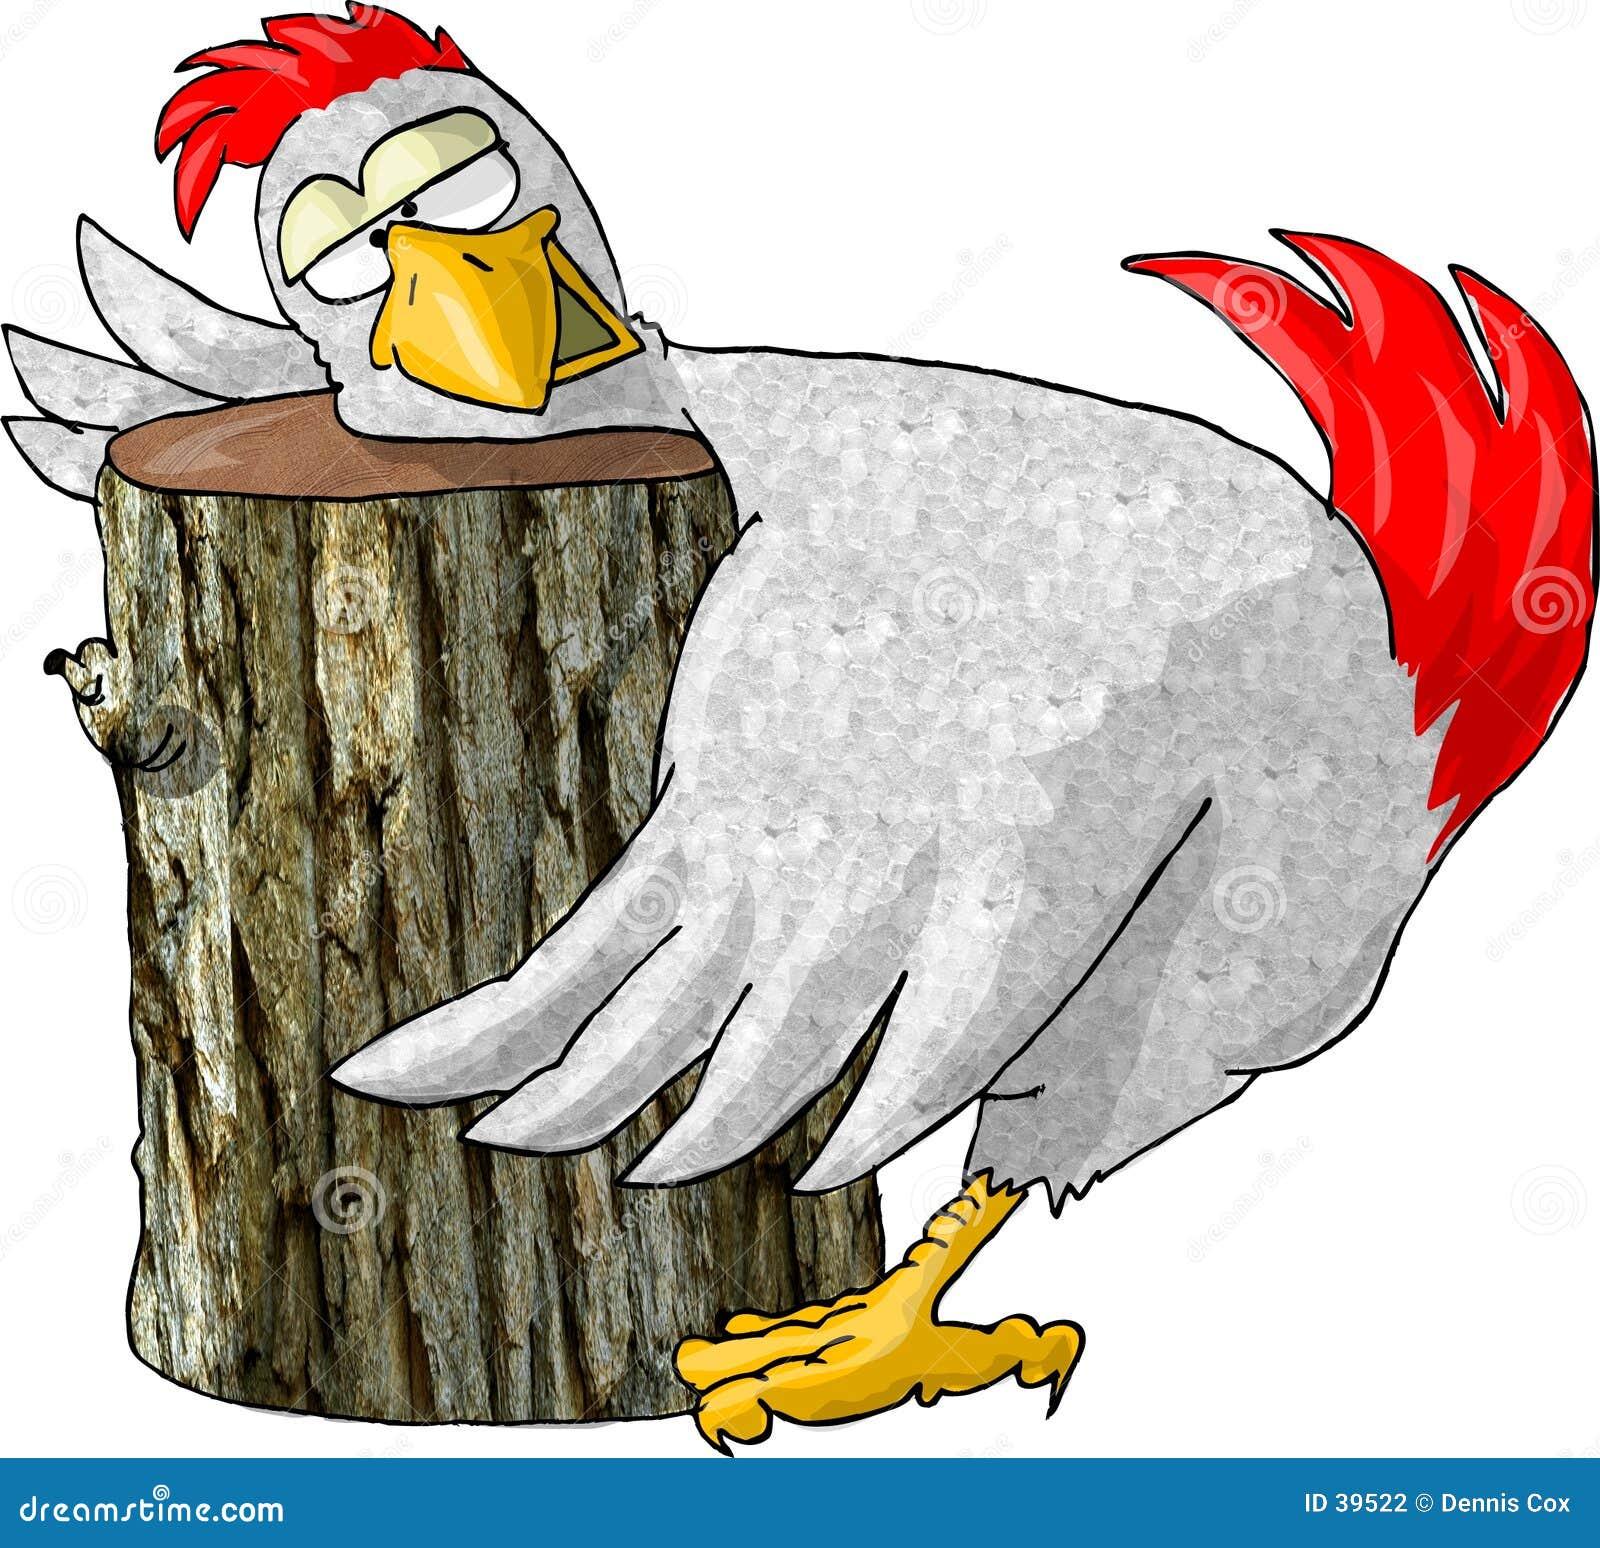 To ostatnie namaszczenie kurczaków